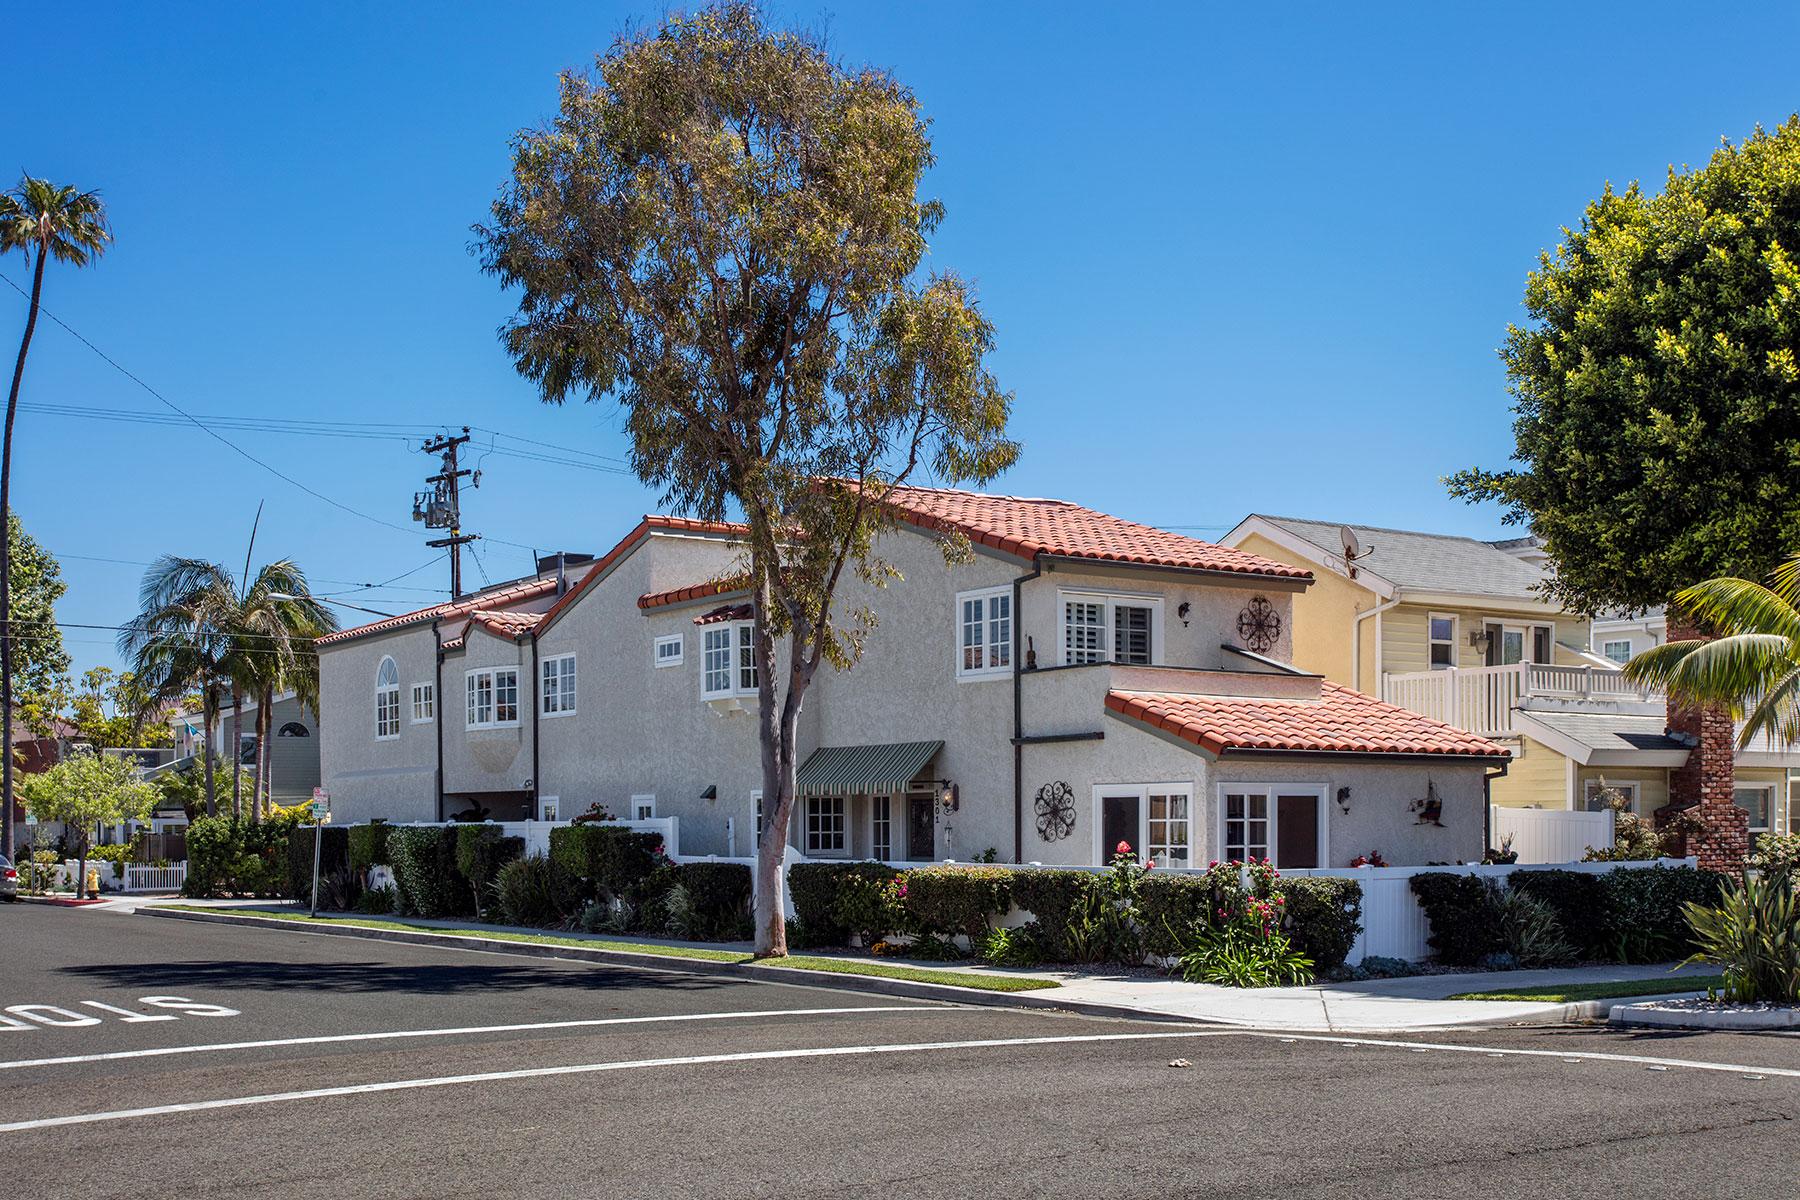 独户住宅 为 销售 在 1301 Ocean Seal Beach, 加利福尼亚州, 90740 美国